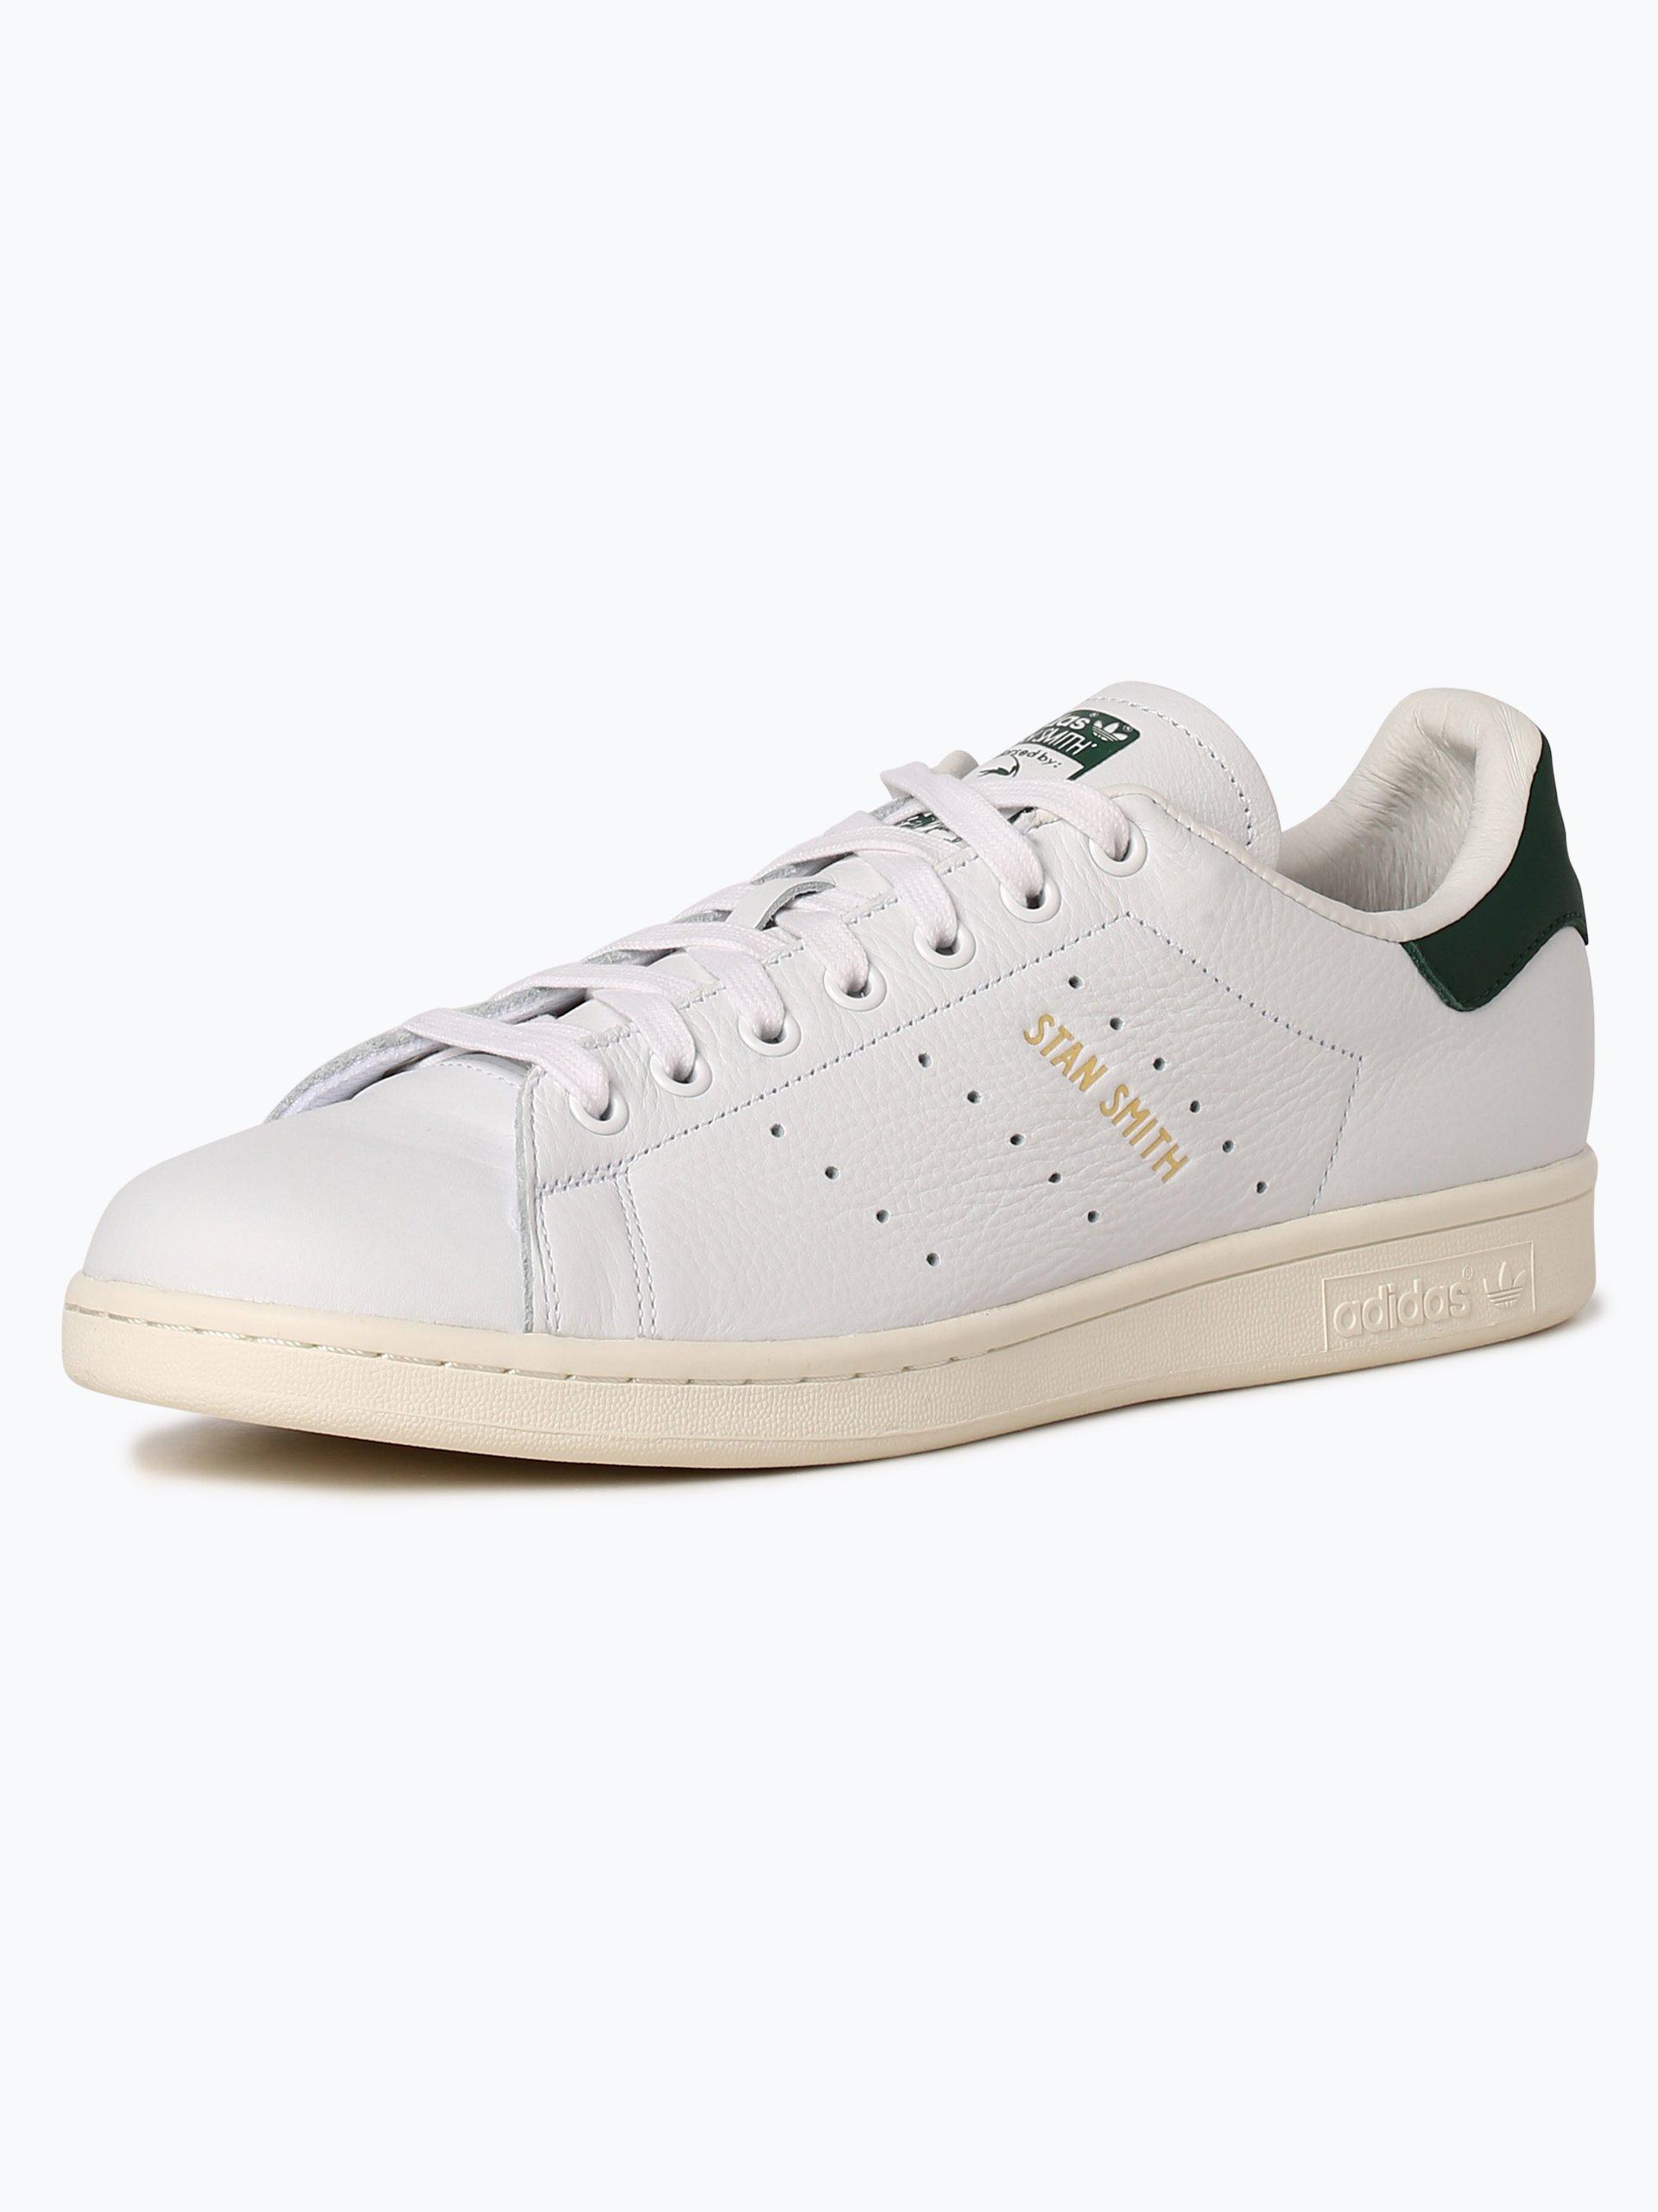 adidas originals herren sneaker aus leder stan smith 2 online kaufen peek und cloppenburg de. Black Bedroom Furniture Sets. Home Design Ideas